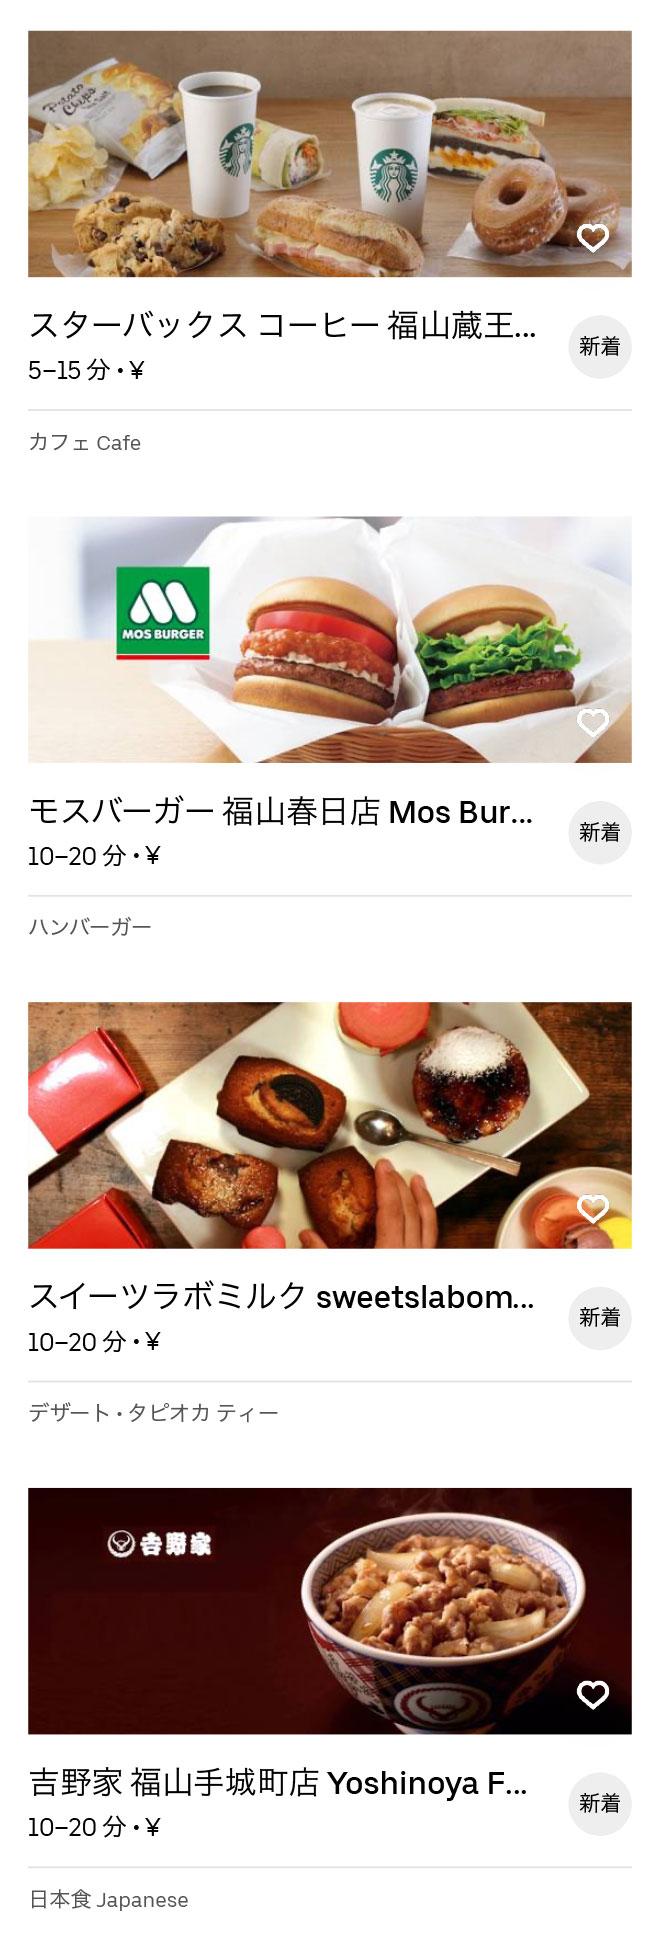 Uber fukuyama higashi menu 02